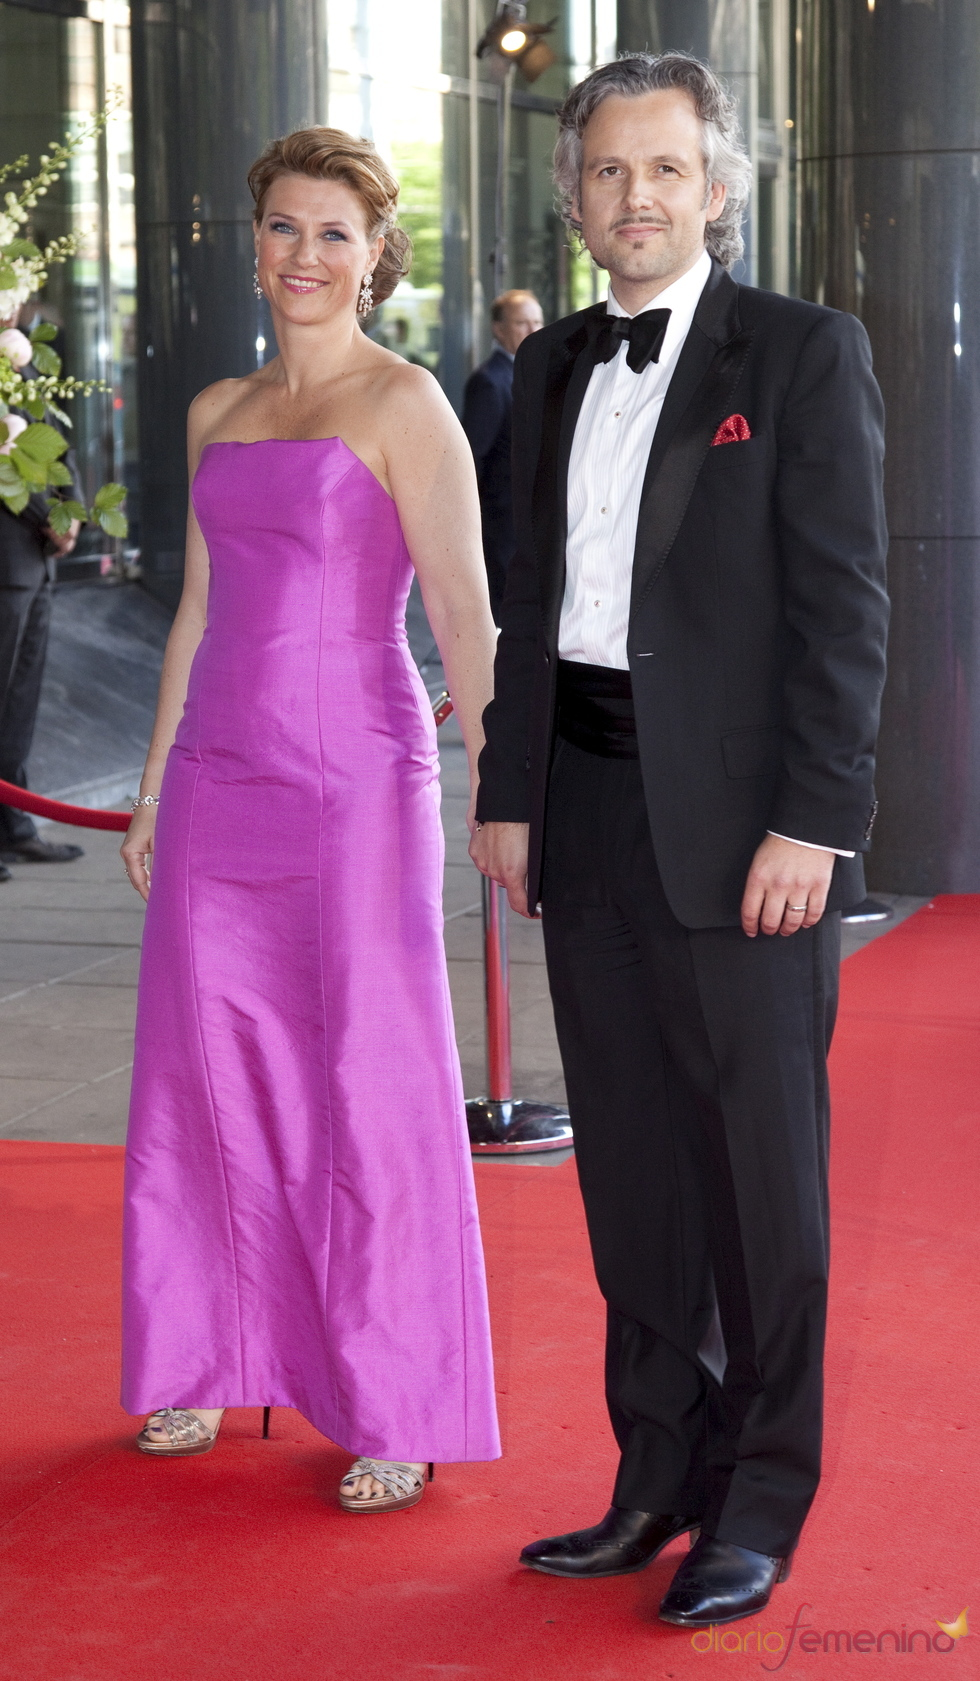 La princesa Martha Louise de Noruega y Ari Behn en el cumpleaños de Máxima de Holanda